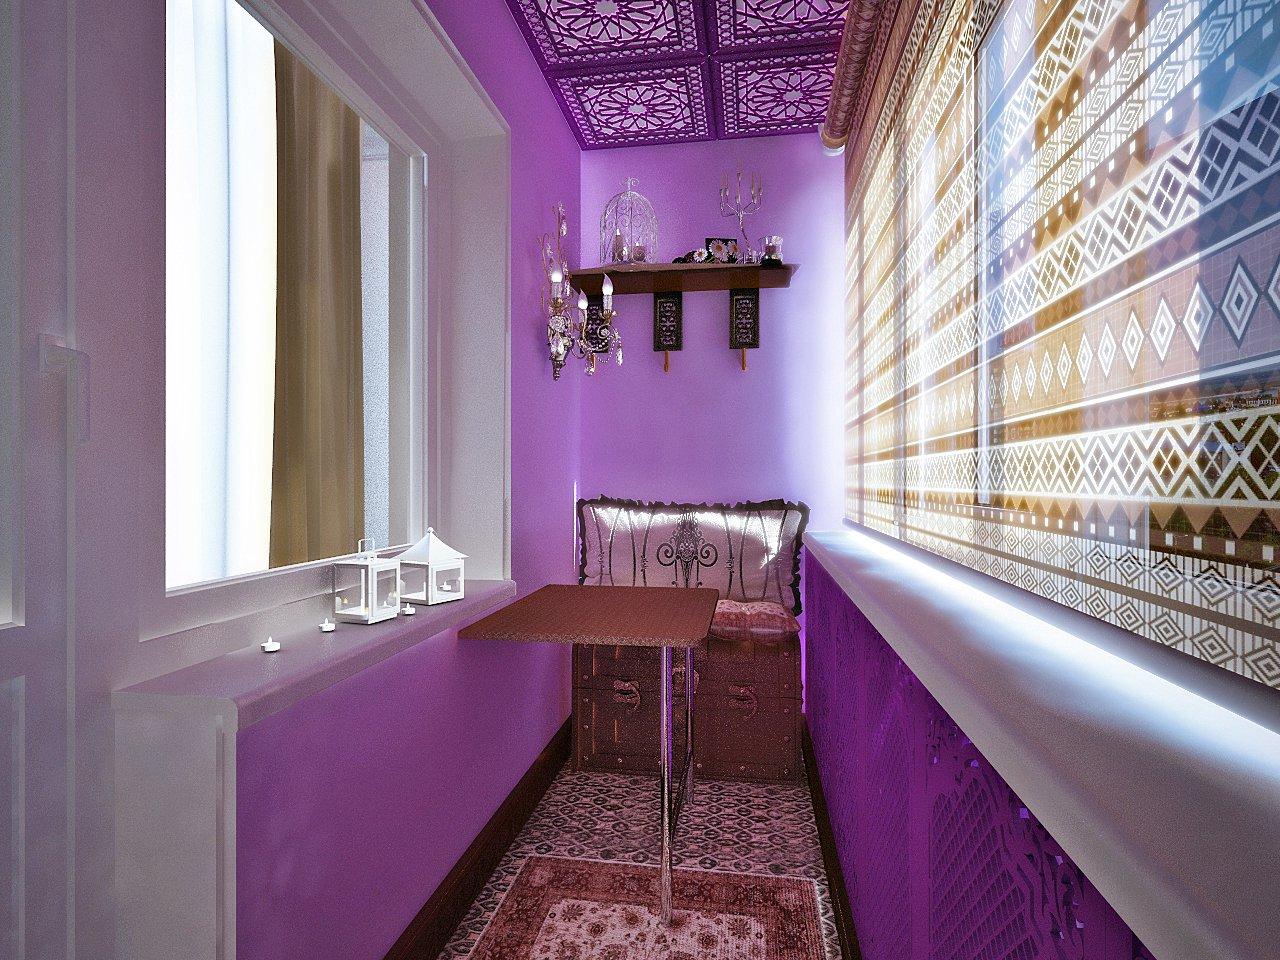 Фото балконов в фиолетовых тонах.